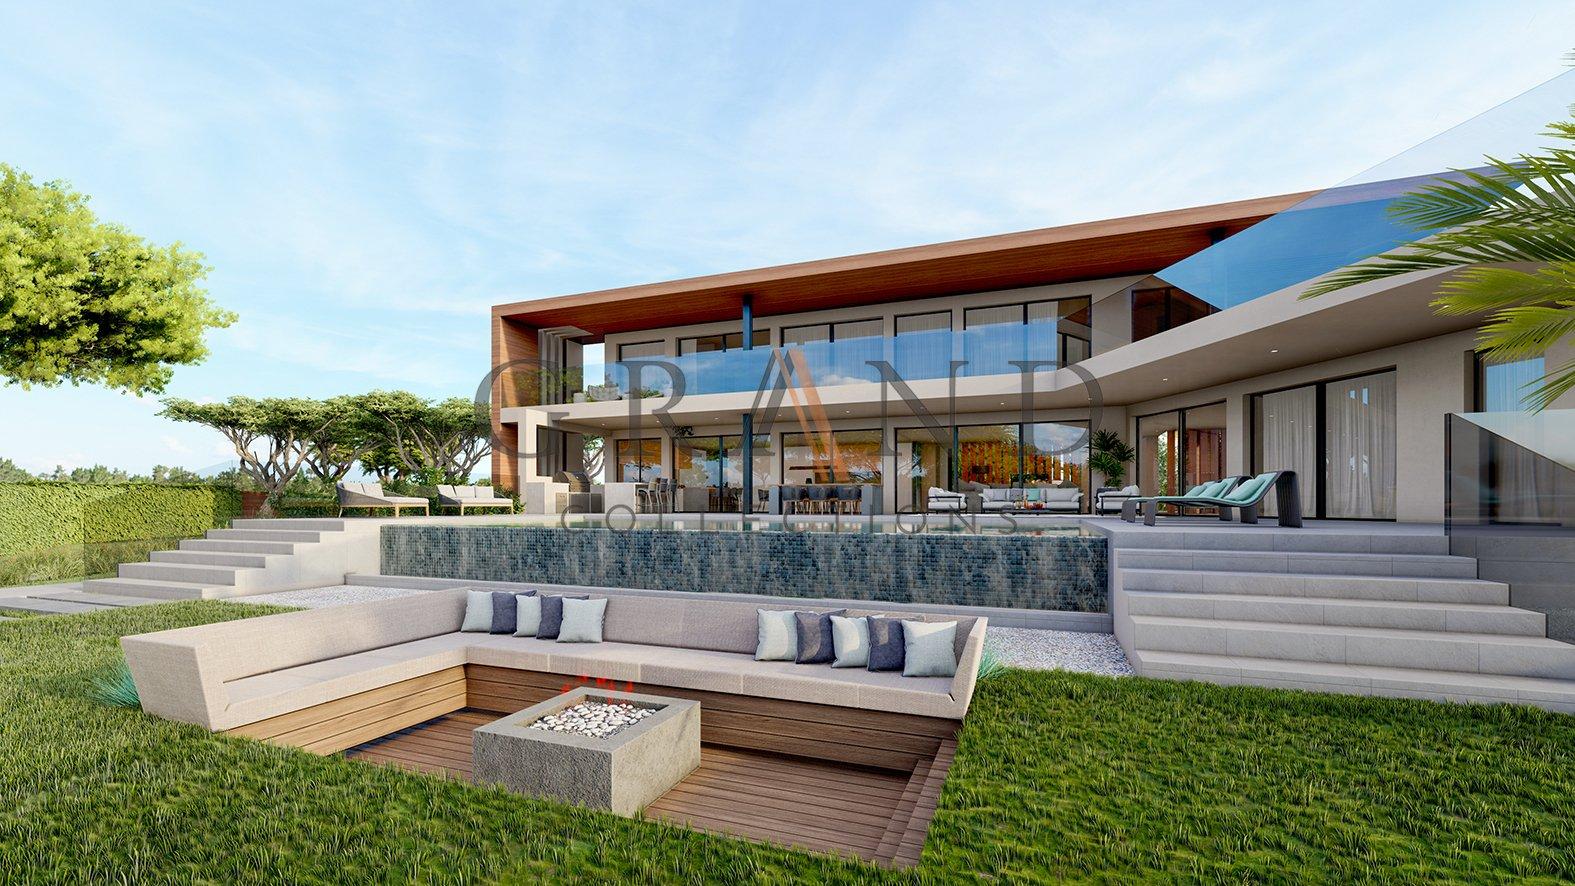 Villa in Vila Nova de Cacela, Algarve, Portugal 1